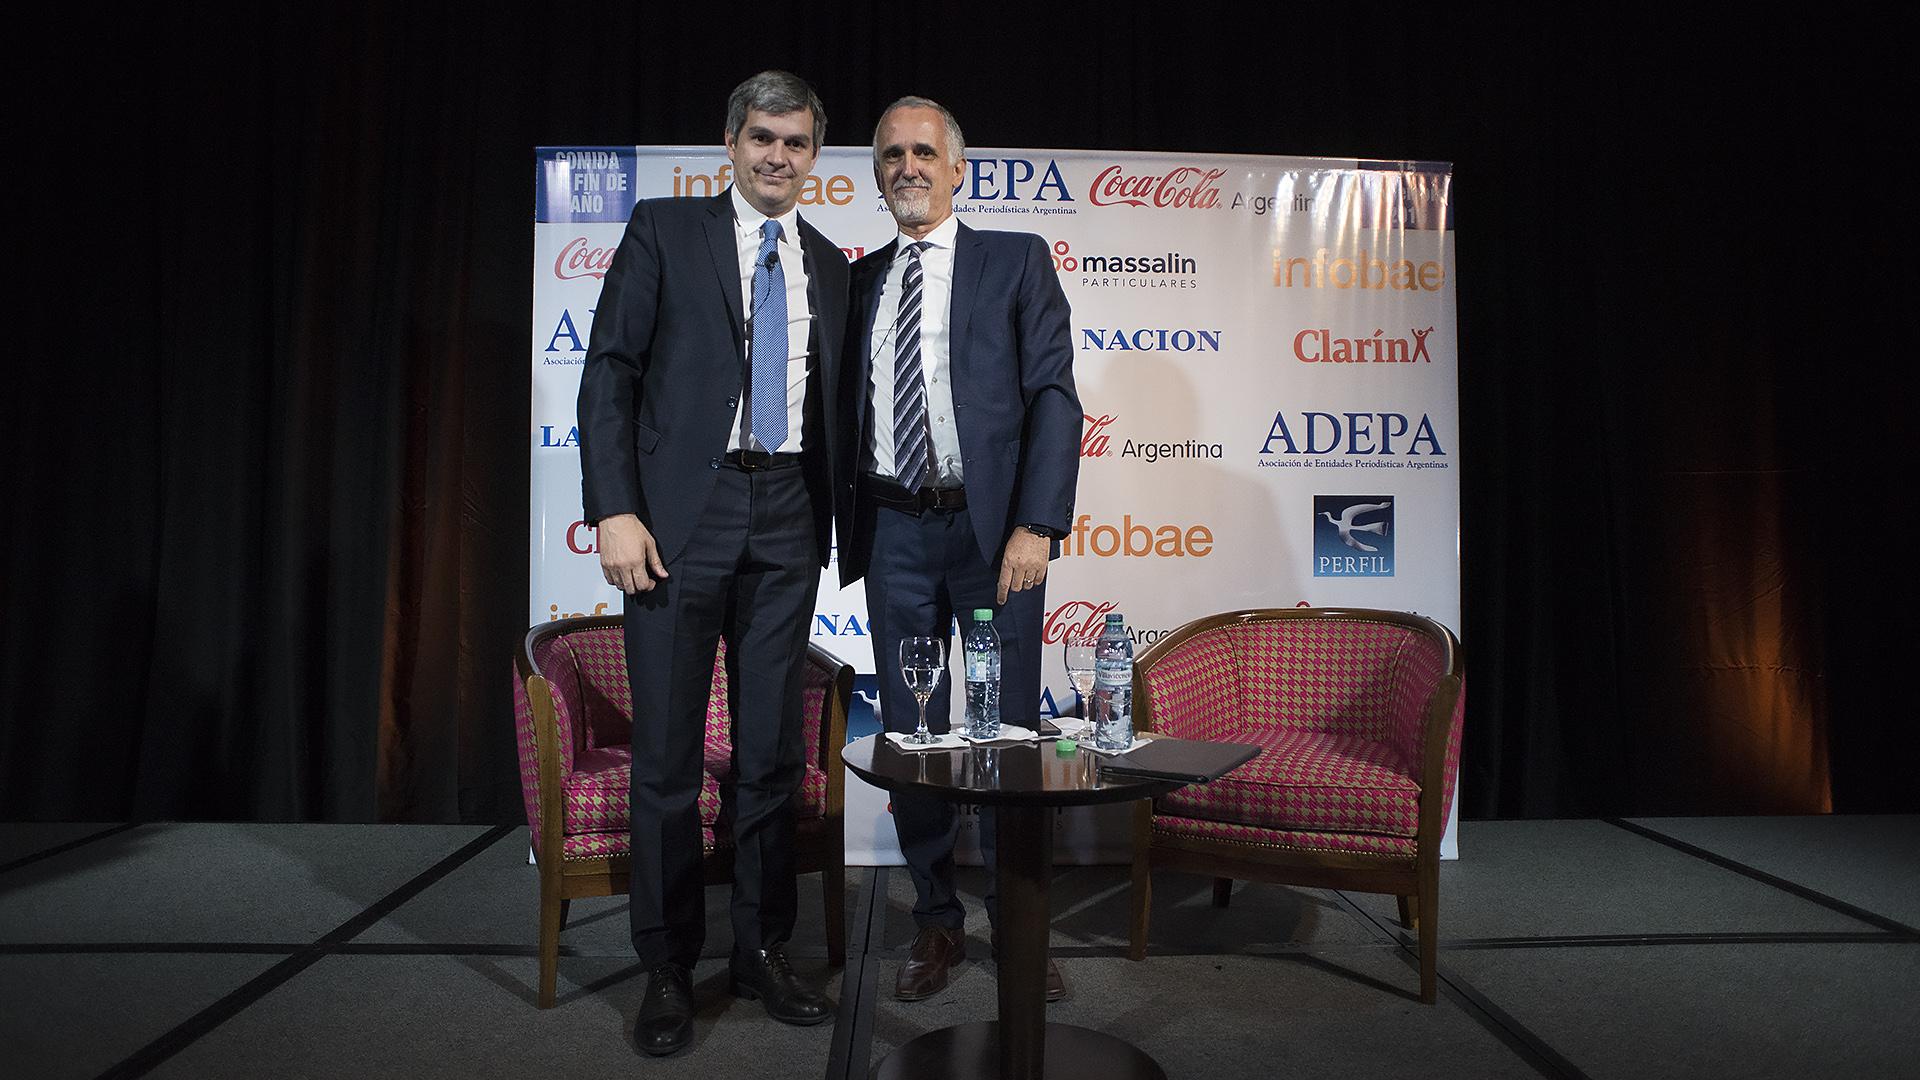 Durante la cena, Carlos Jornet -presidente de la comisión de Transformación e Innovación Multimedia en ADEPA- dialogó con el jefe de Gabinete, Marcos Peña